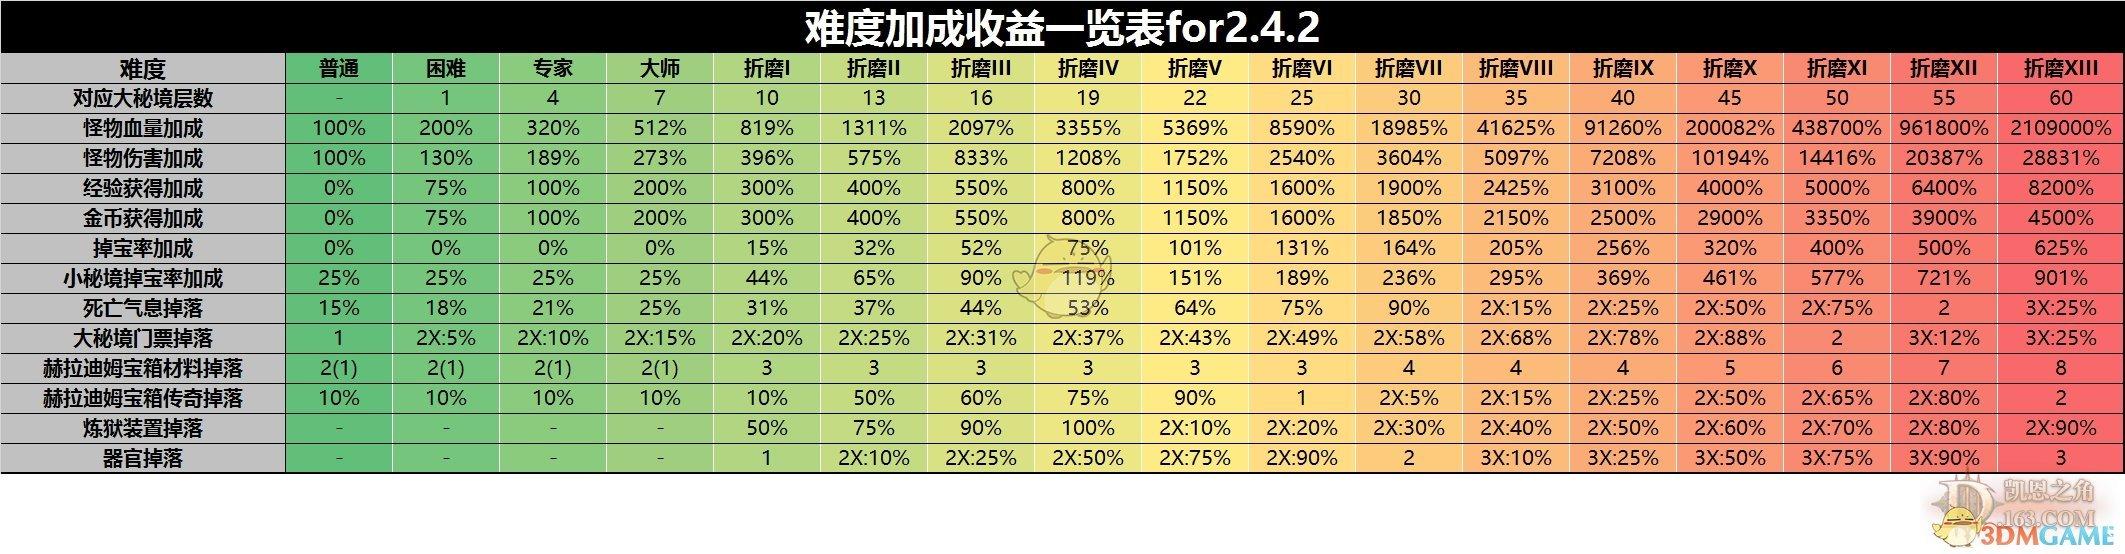 《暗黑破坏神3》2.6.5收益分析 速刷小米才是单机福利